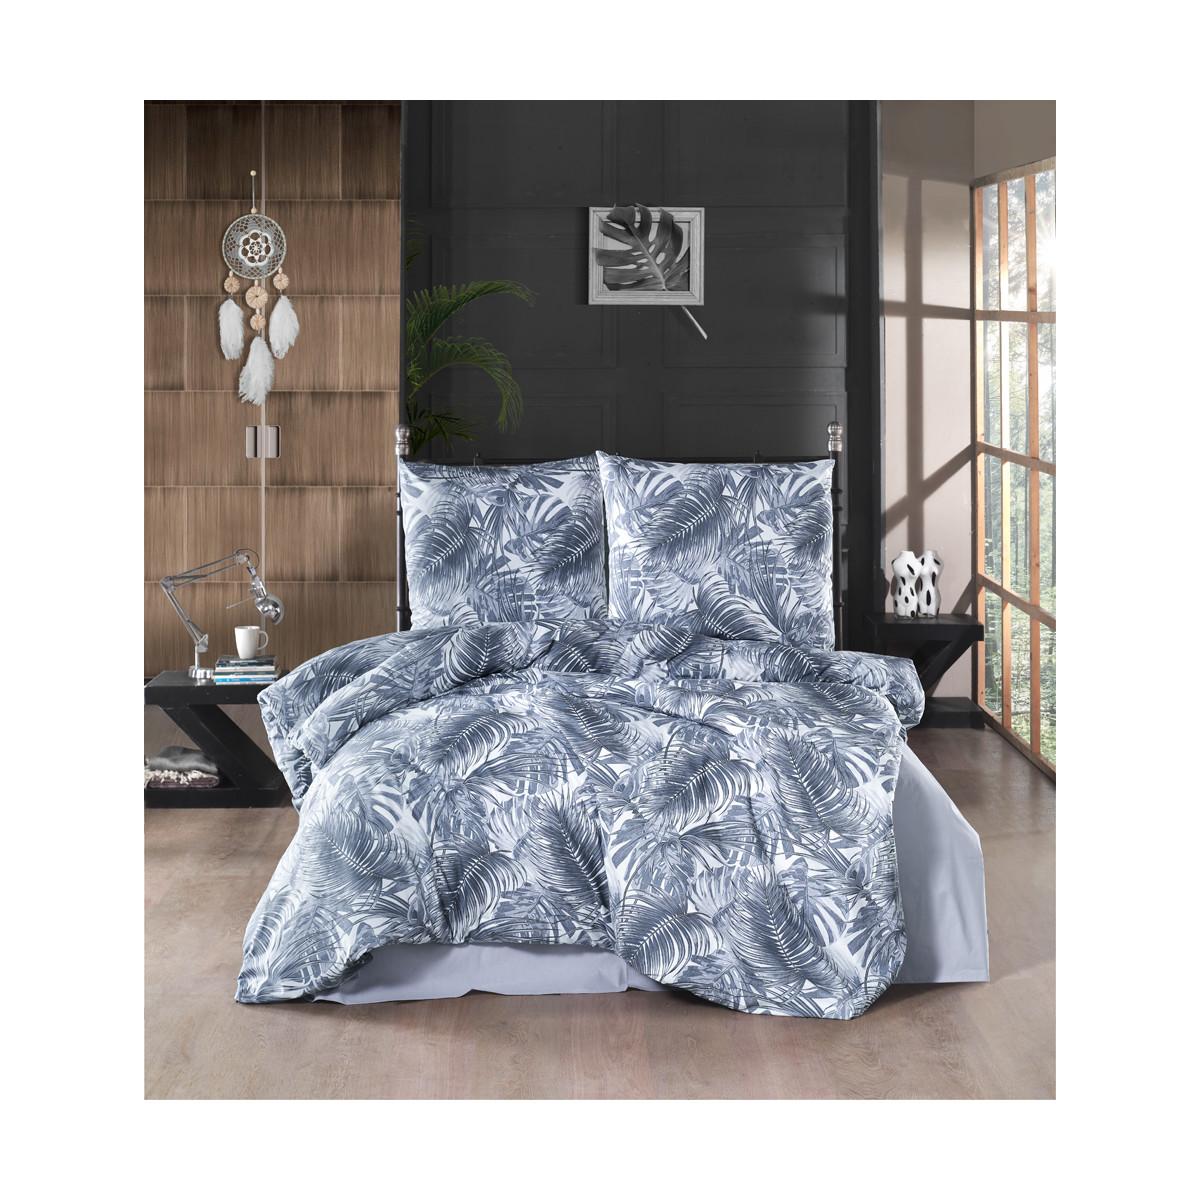 Bettwasche 200x220 Cm Navy Blau Palmblatt Muster 100 Baumwolle Renf 27 90